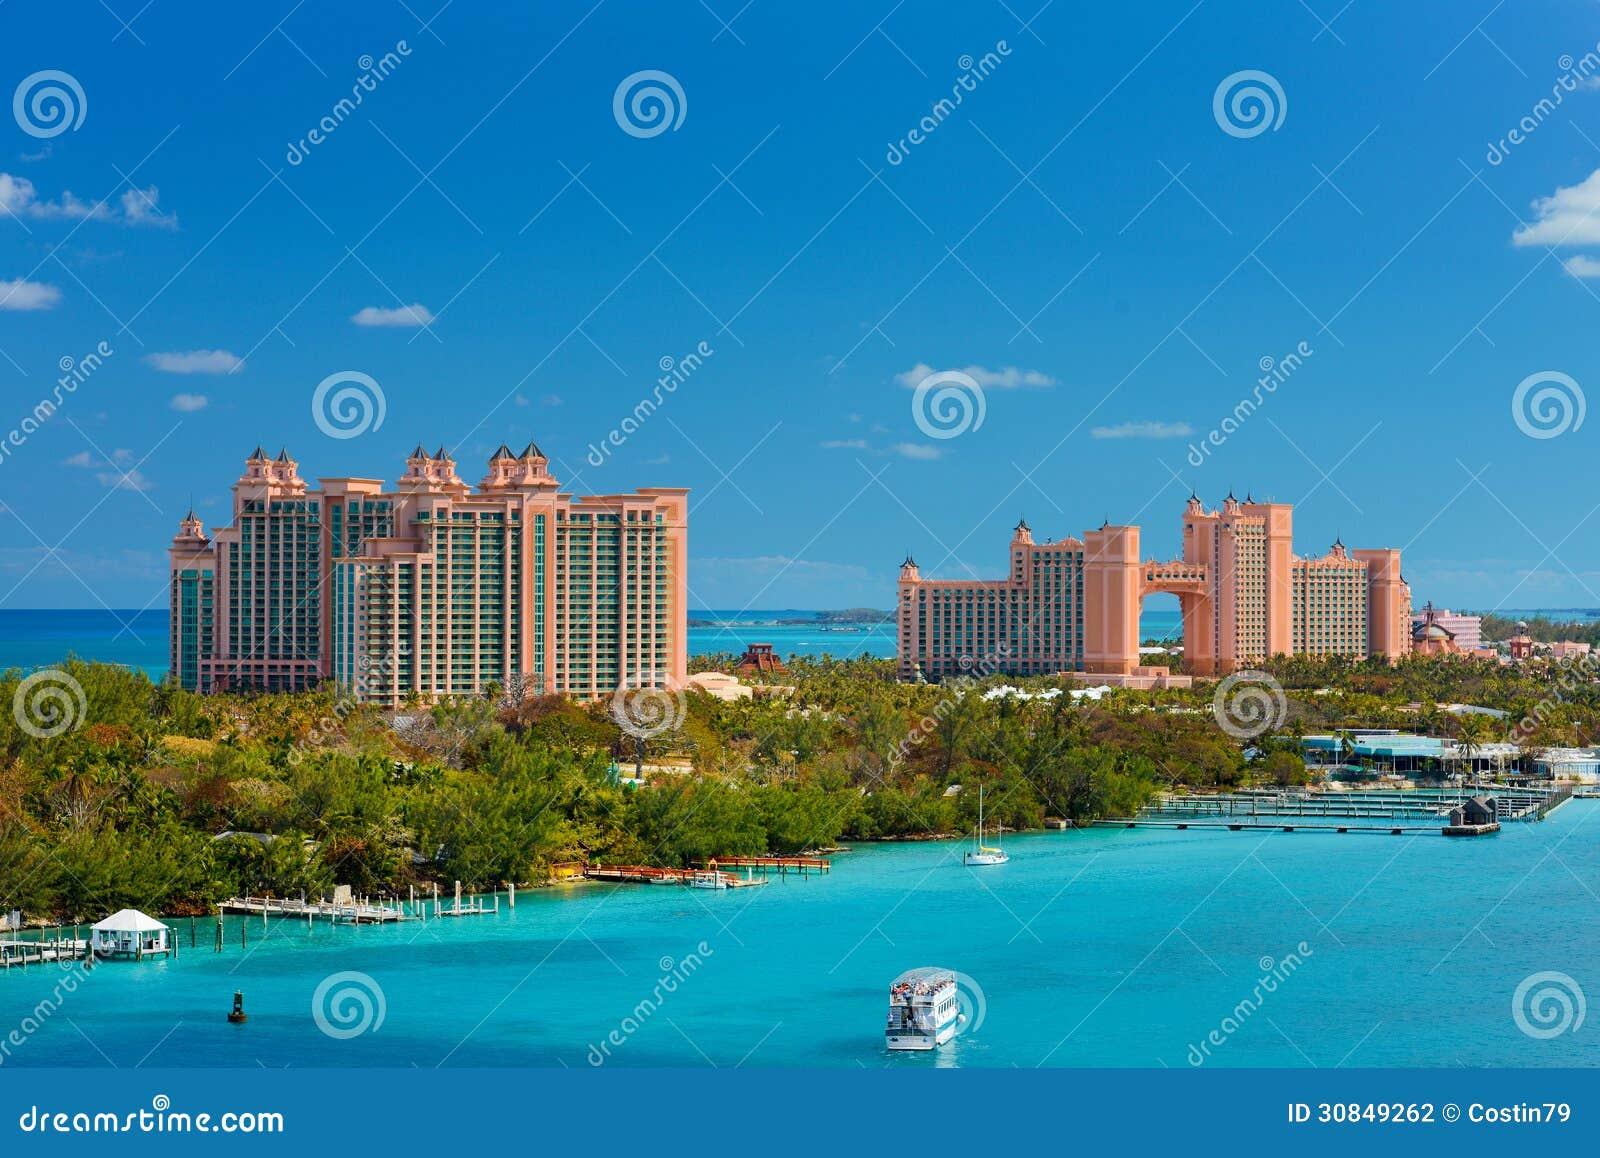 Casinos In Bahamas